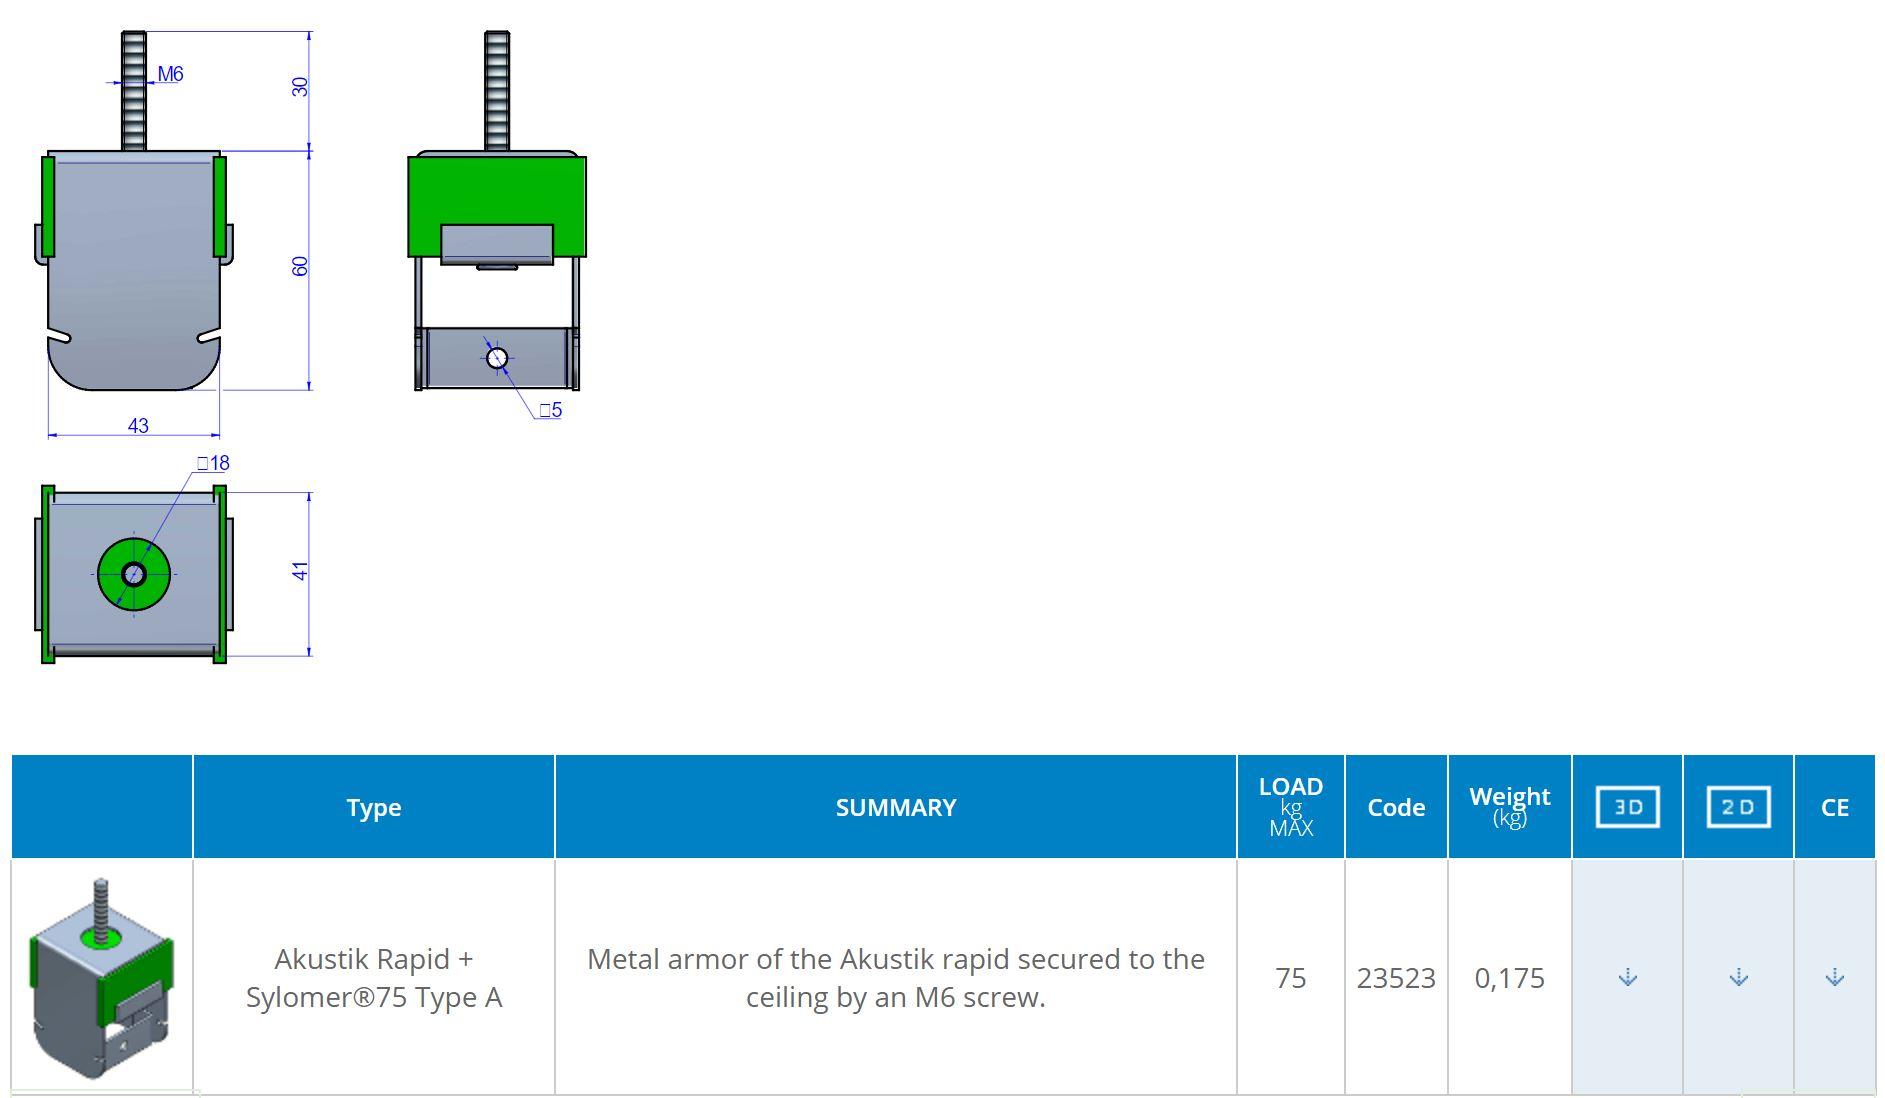 Akustik Rapid + Sylomer 75 Type A